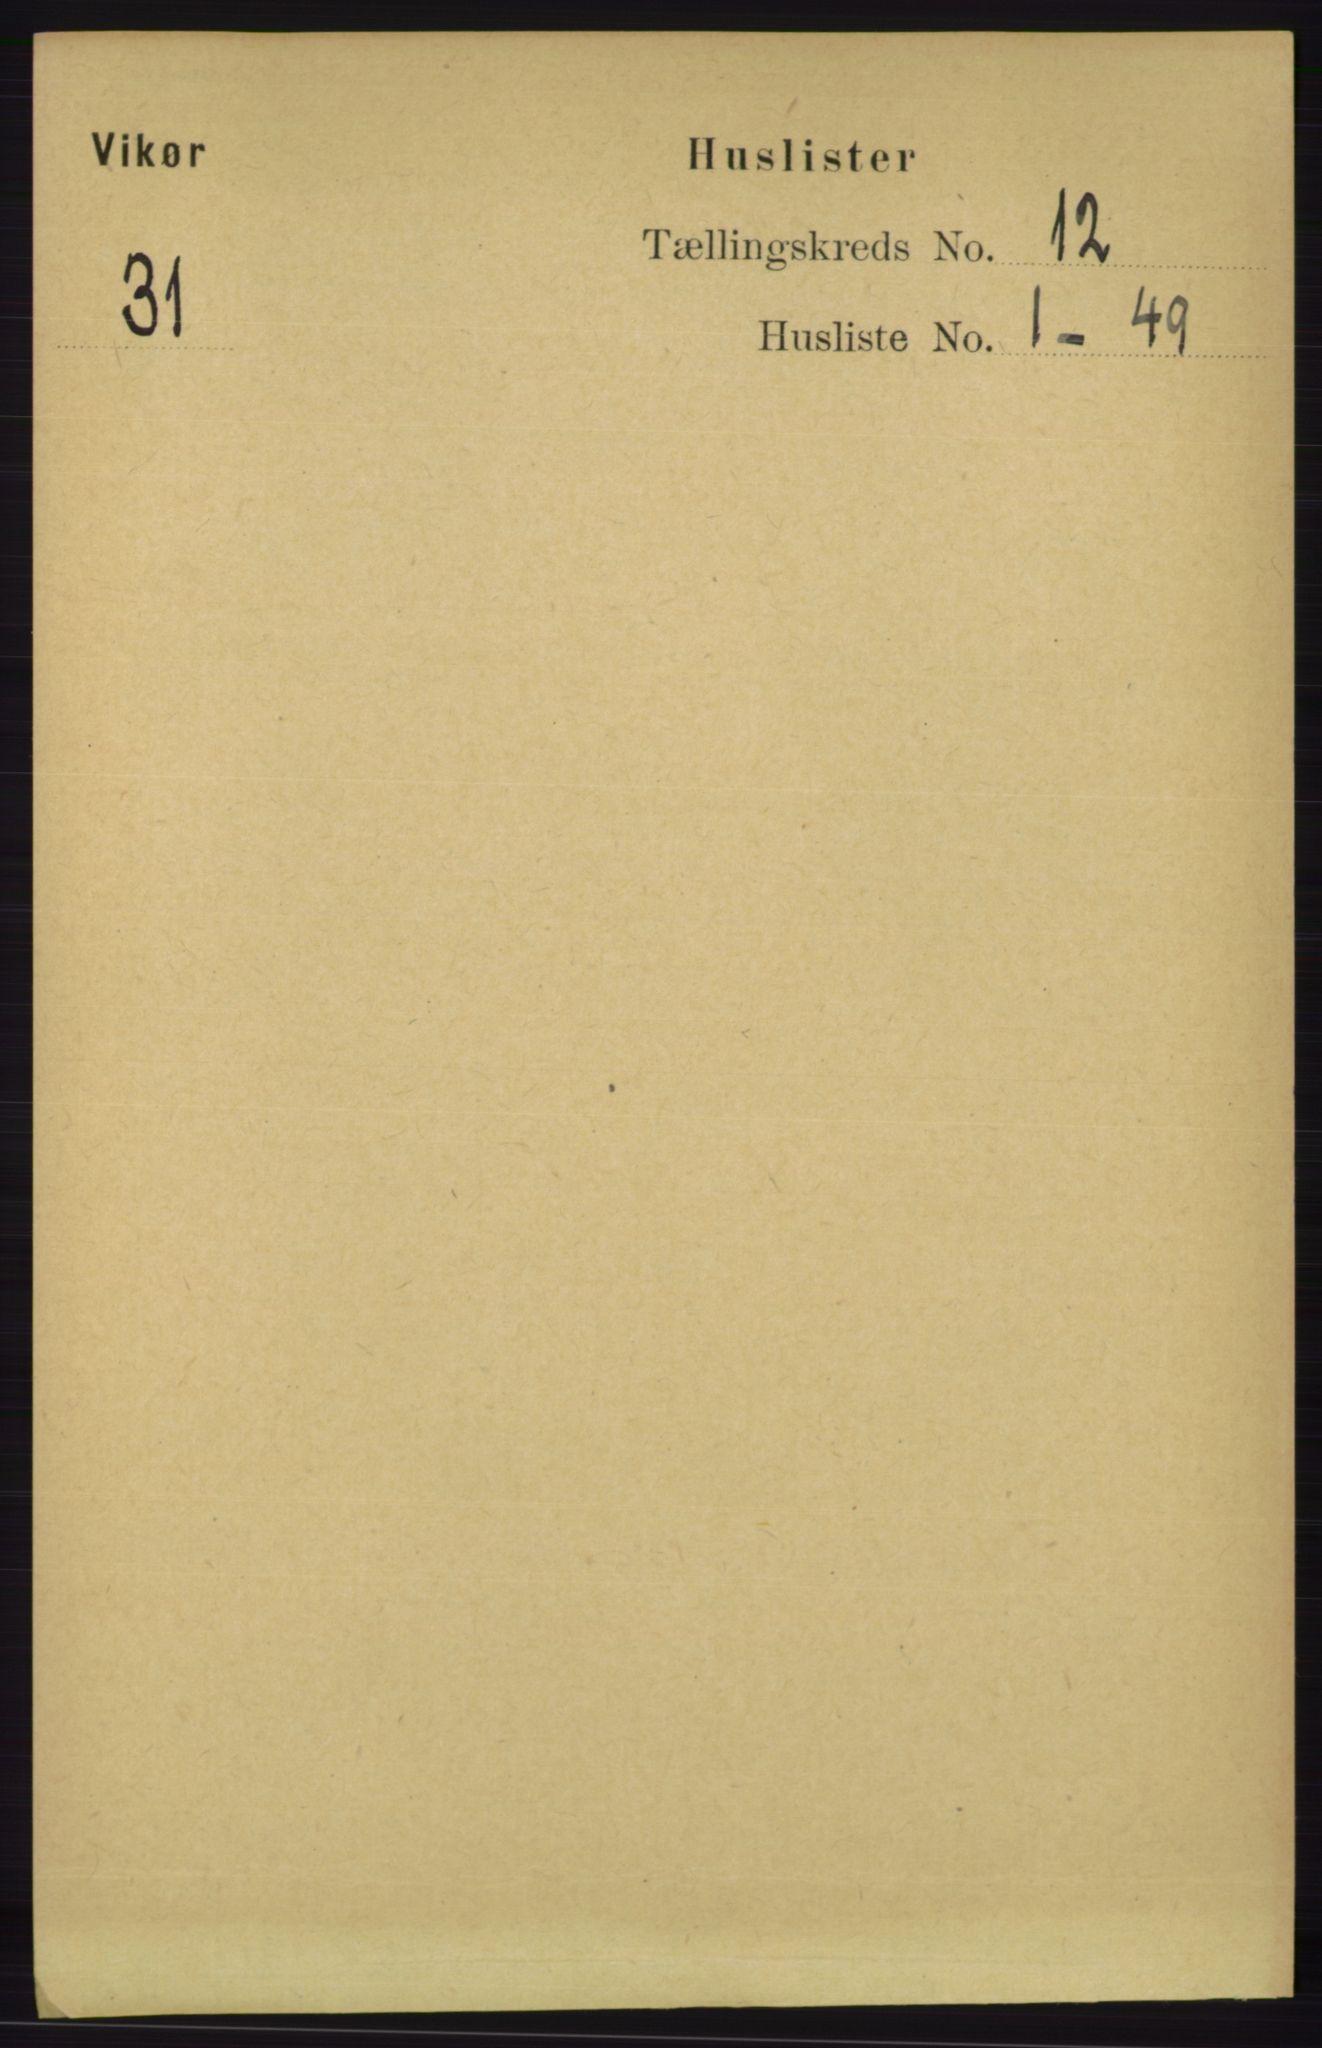 RA, Folketelling 1891 for 1238 Vikør herred, 1891, s. 3257